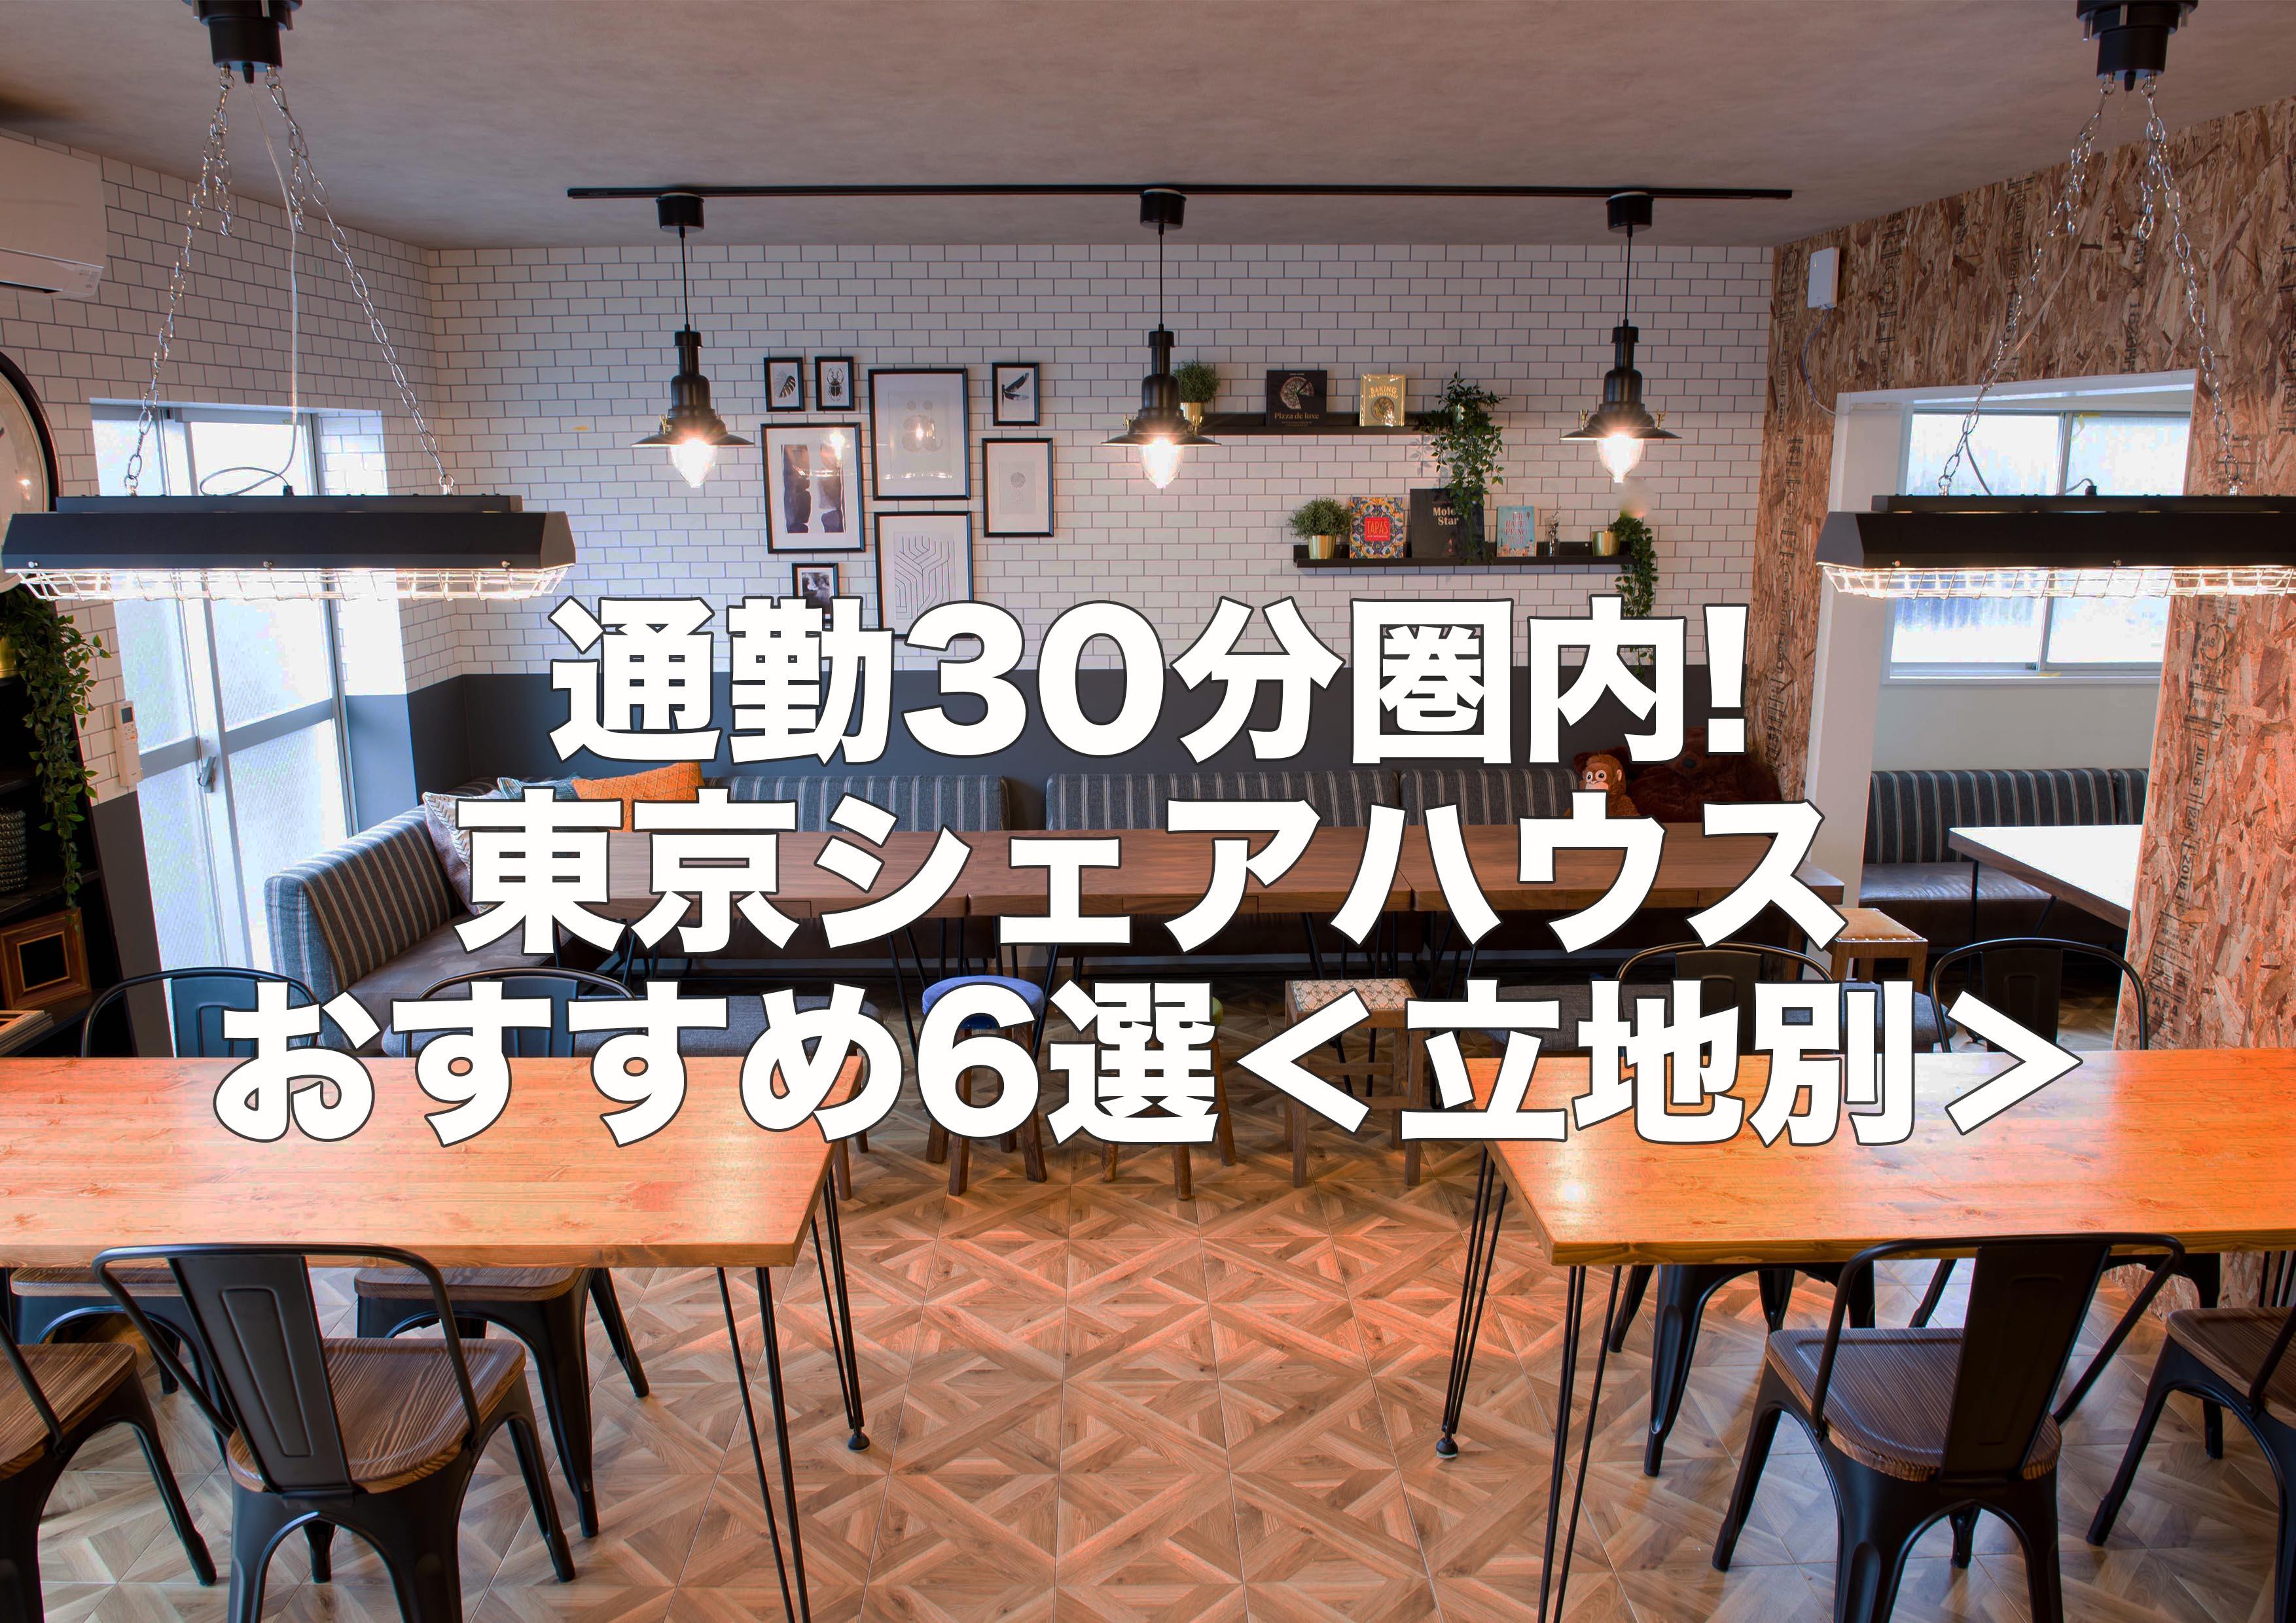 東京でシェアハウスを探すなら!通勤30分圏内のおすすめシェアハウス6選